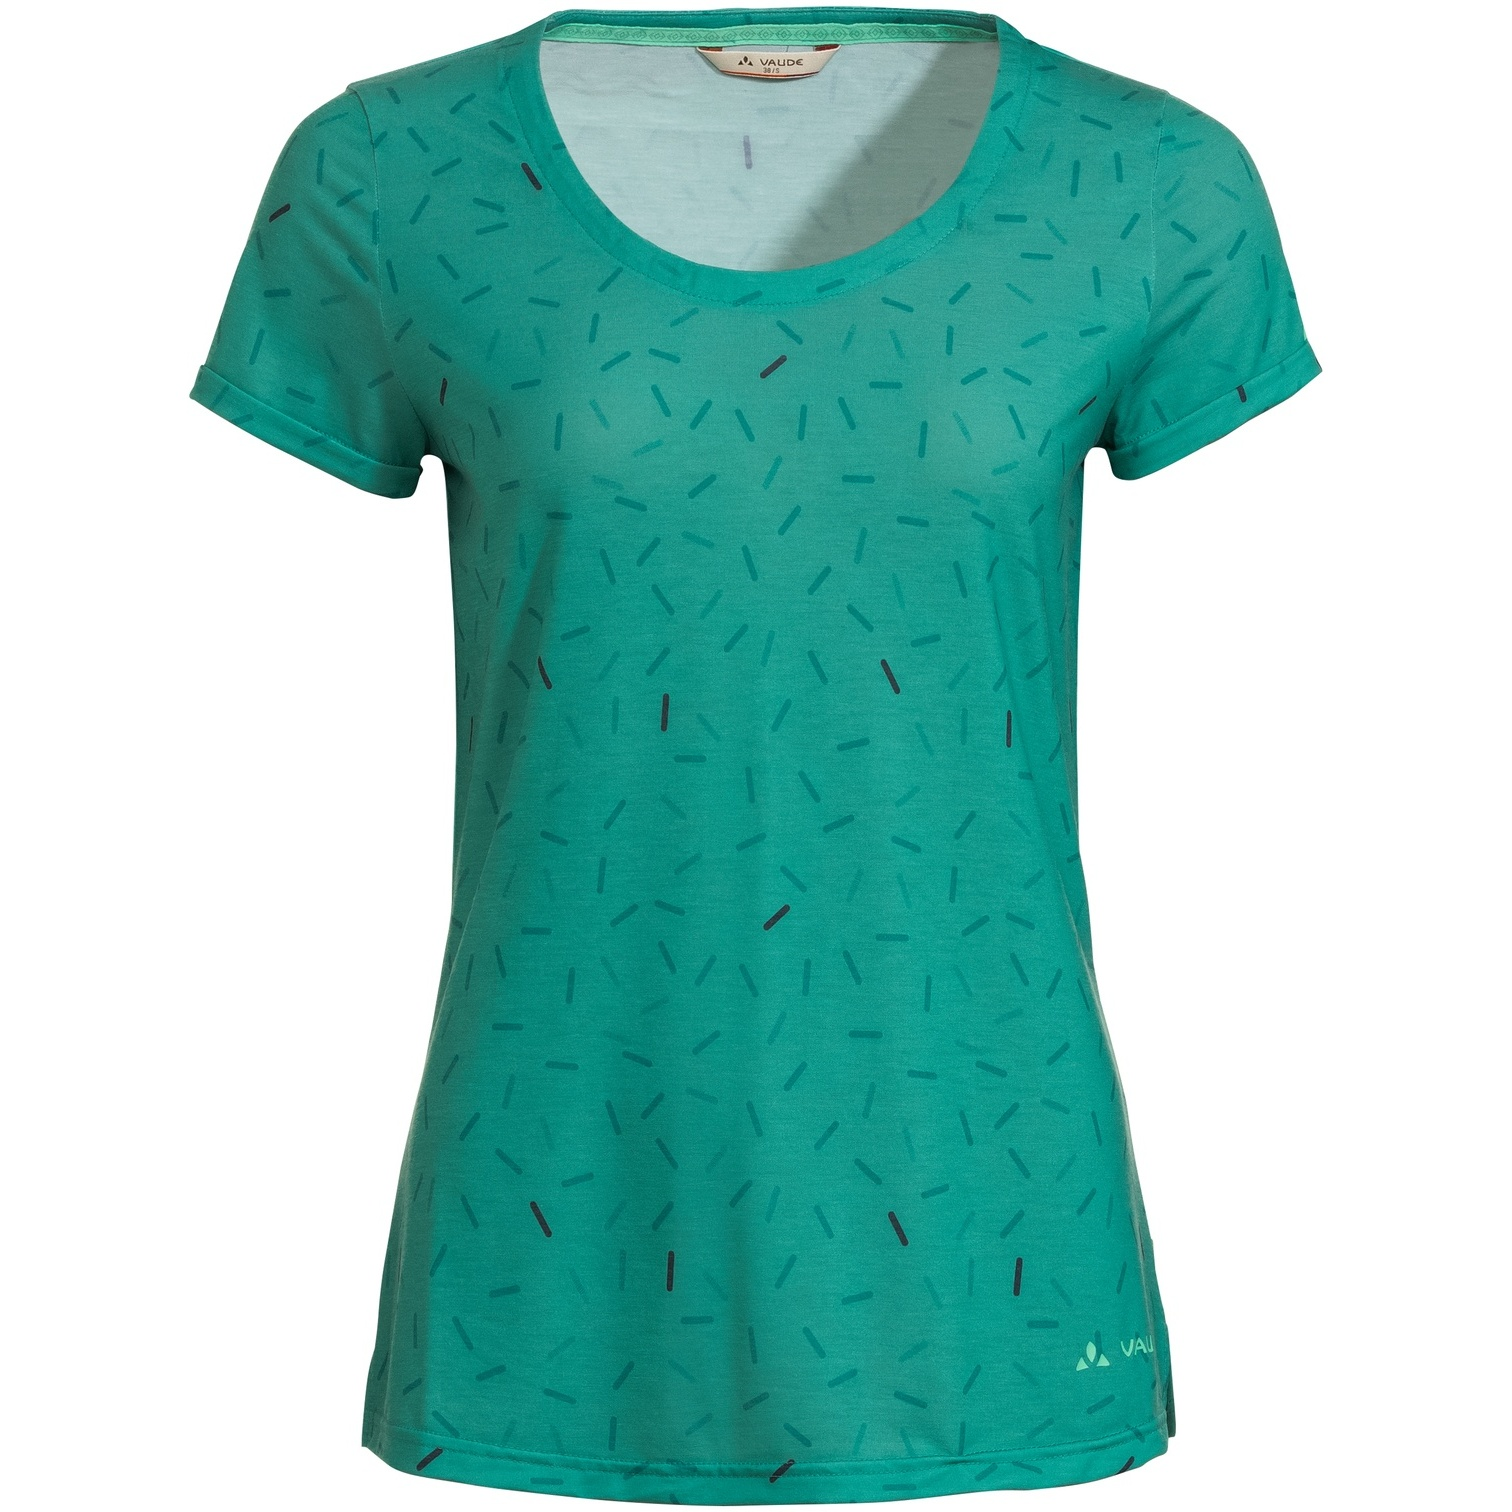 Vaude Skomer All Over Print T-Shirt Damen - peacock